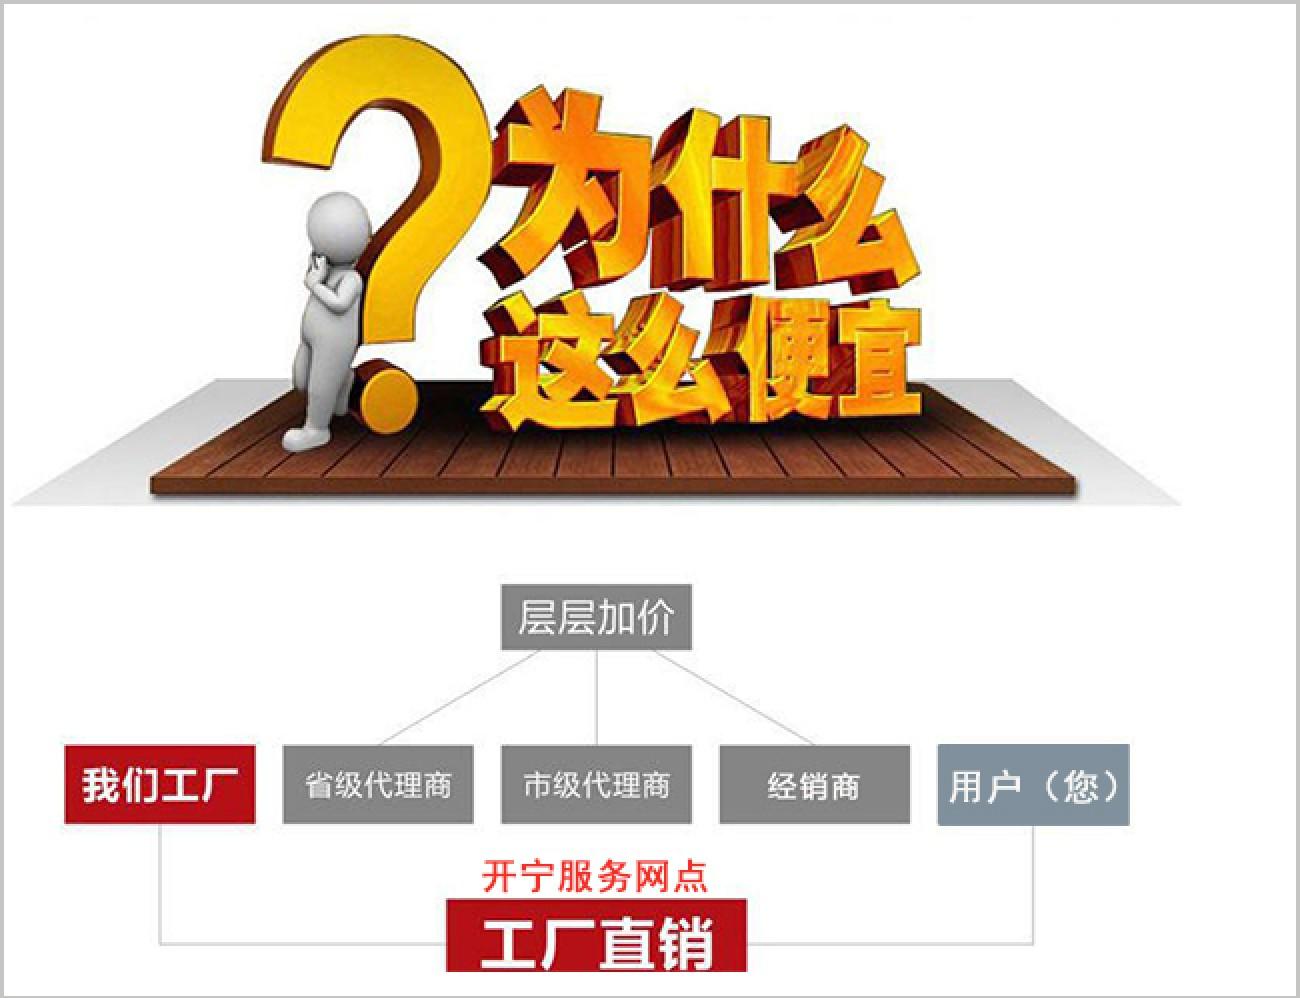 乐虎娱乐_lehu66.vip乐虎国际lehu66.vip乐虎国际厂家直供货源